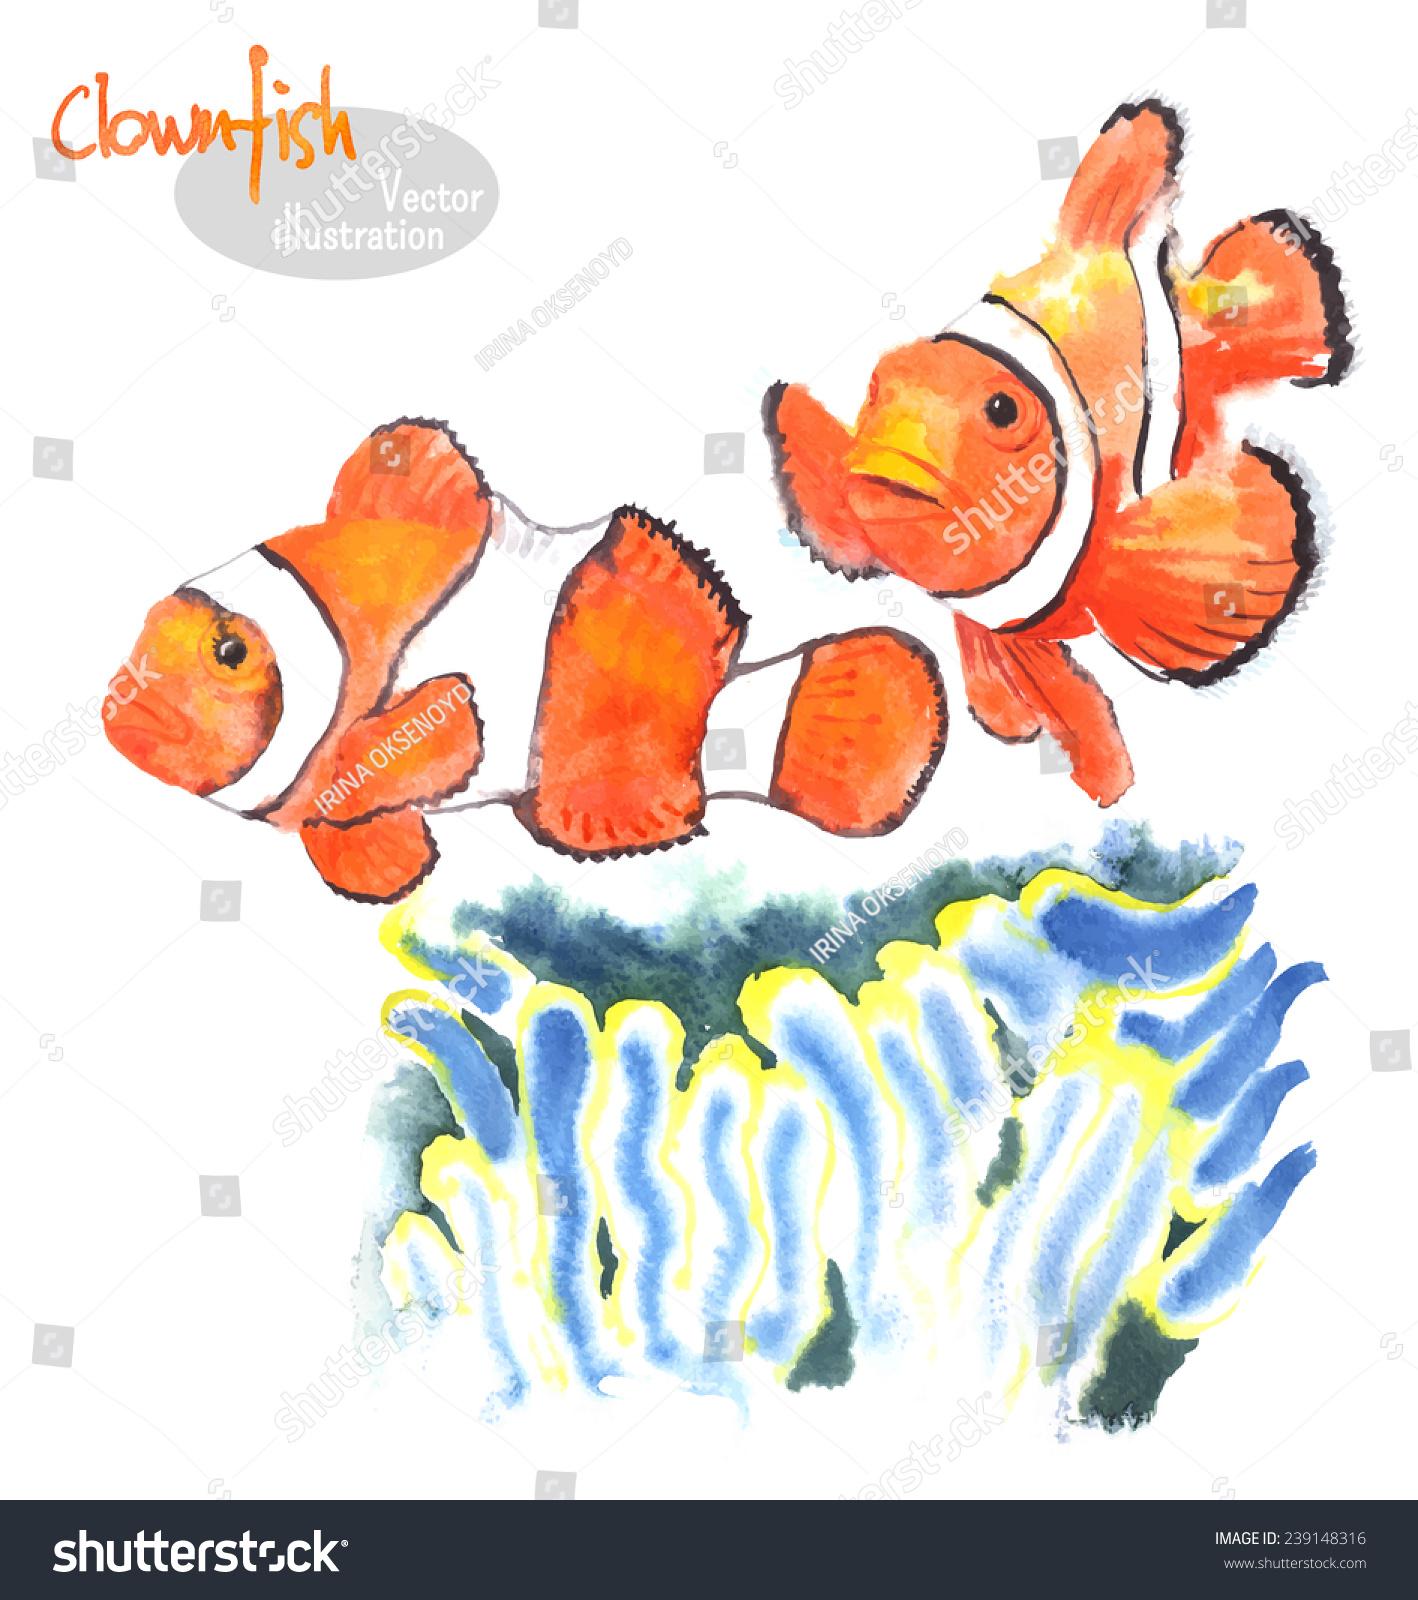 手绘水彩插图的海洋鱼类——小丑鱼或鱼——海葵附近